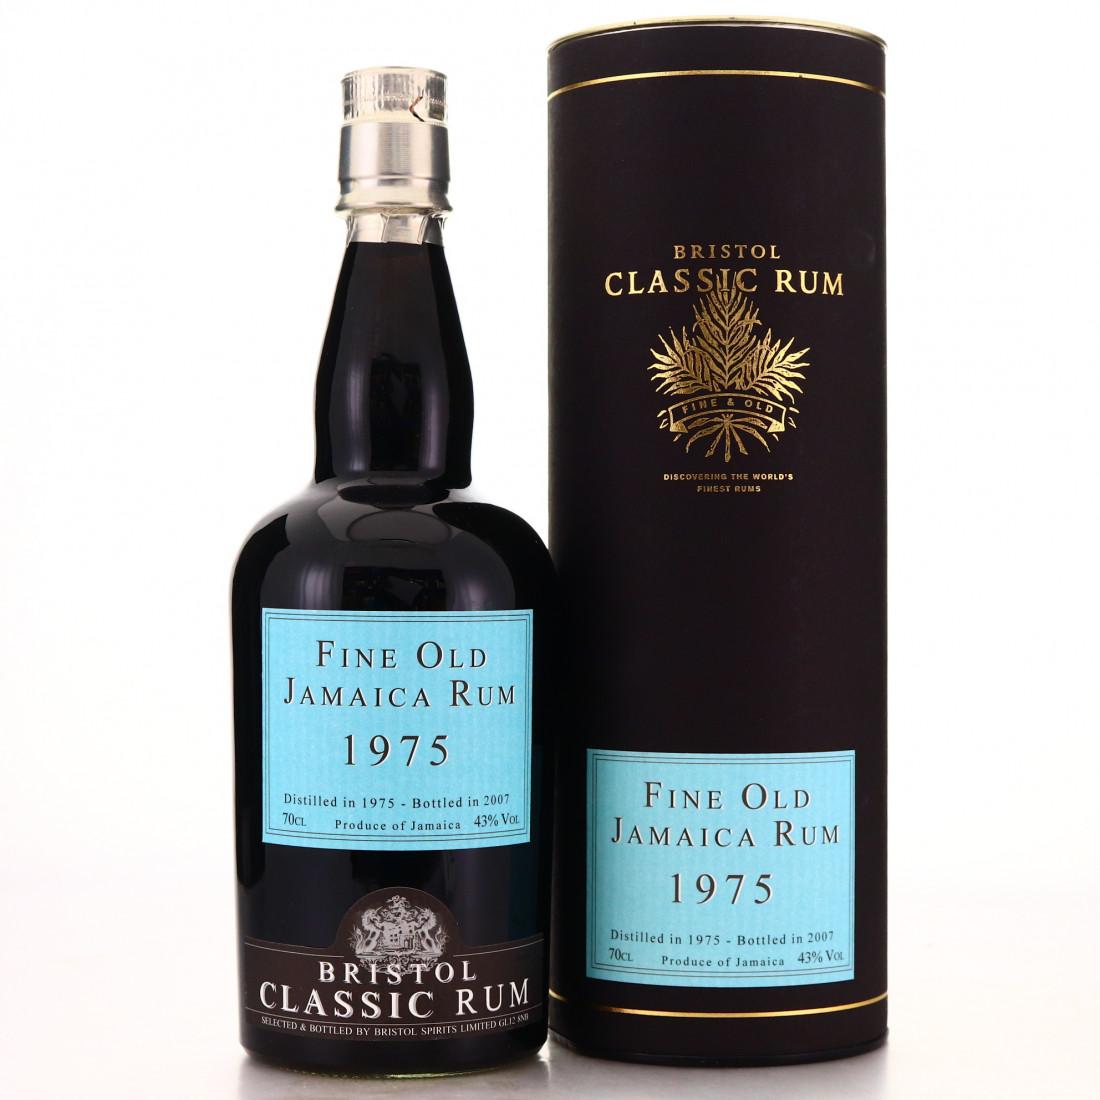 Fine Old Jamaica Rum 1975 Bristol Classic